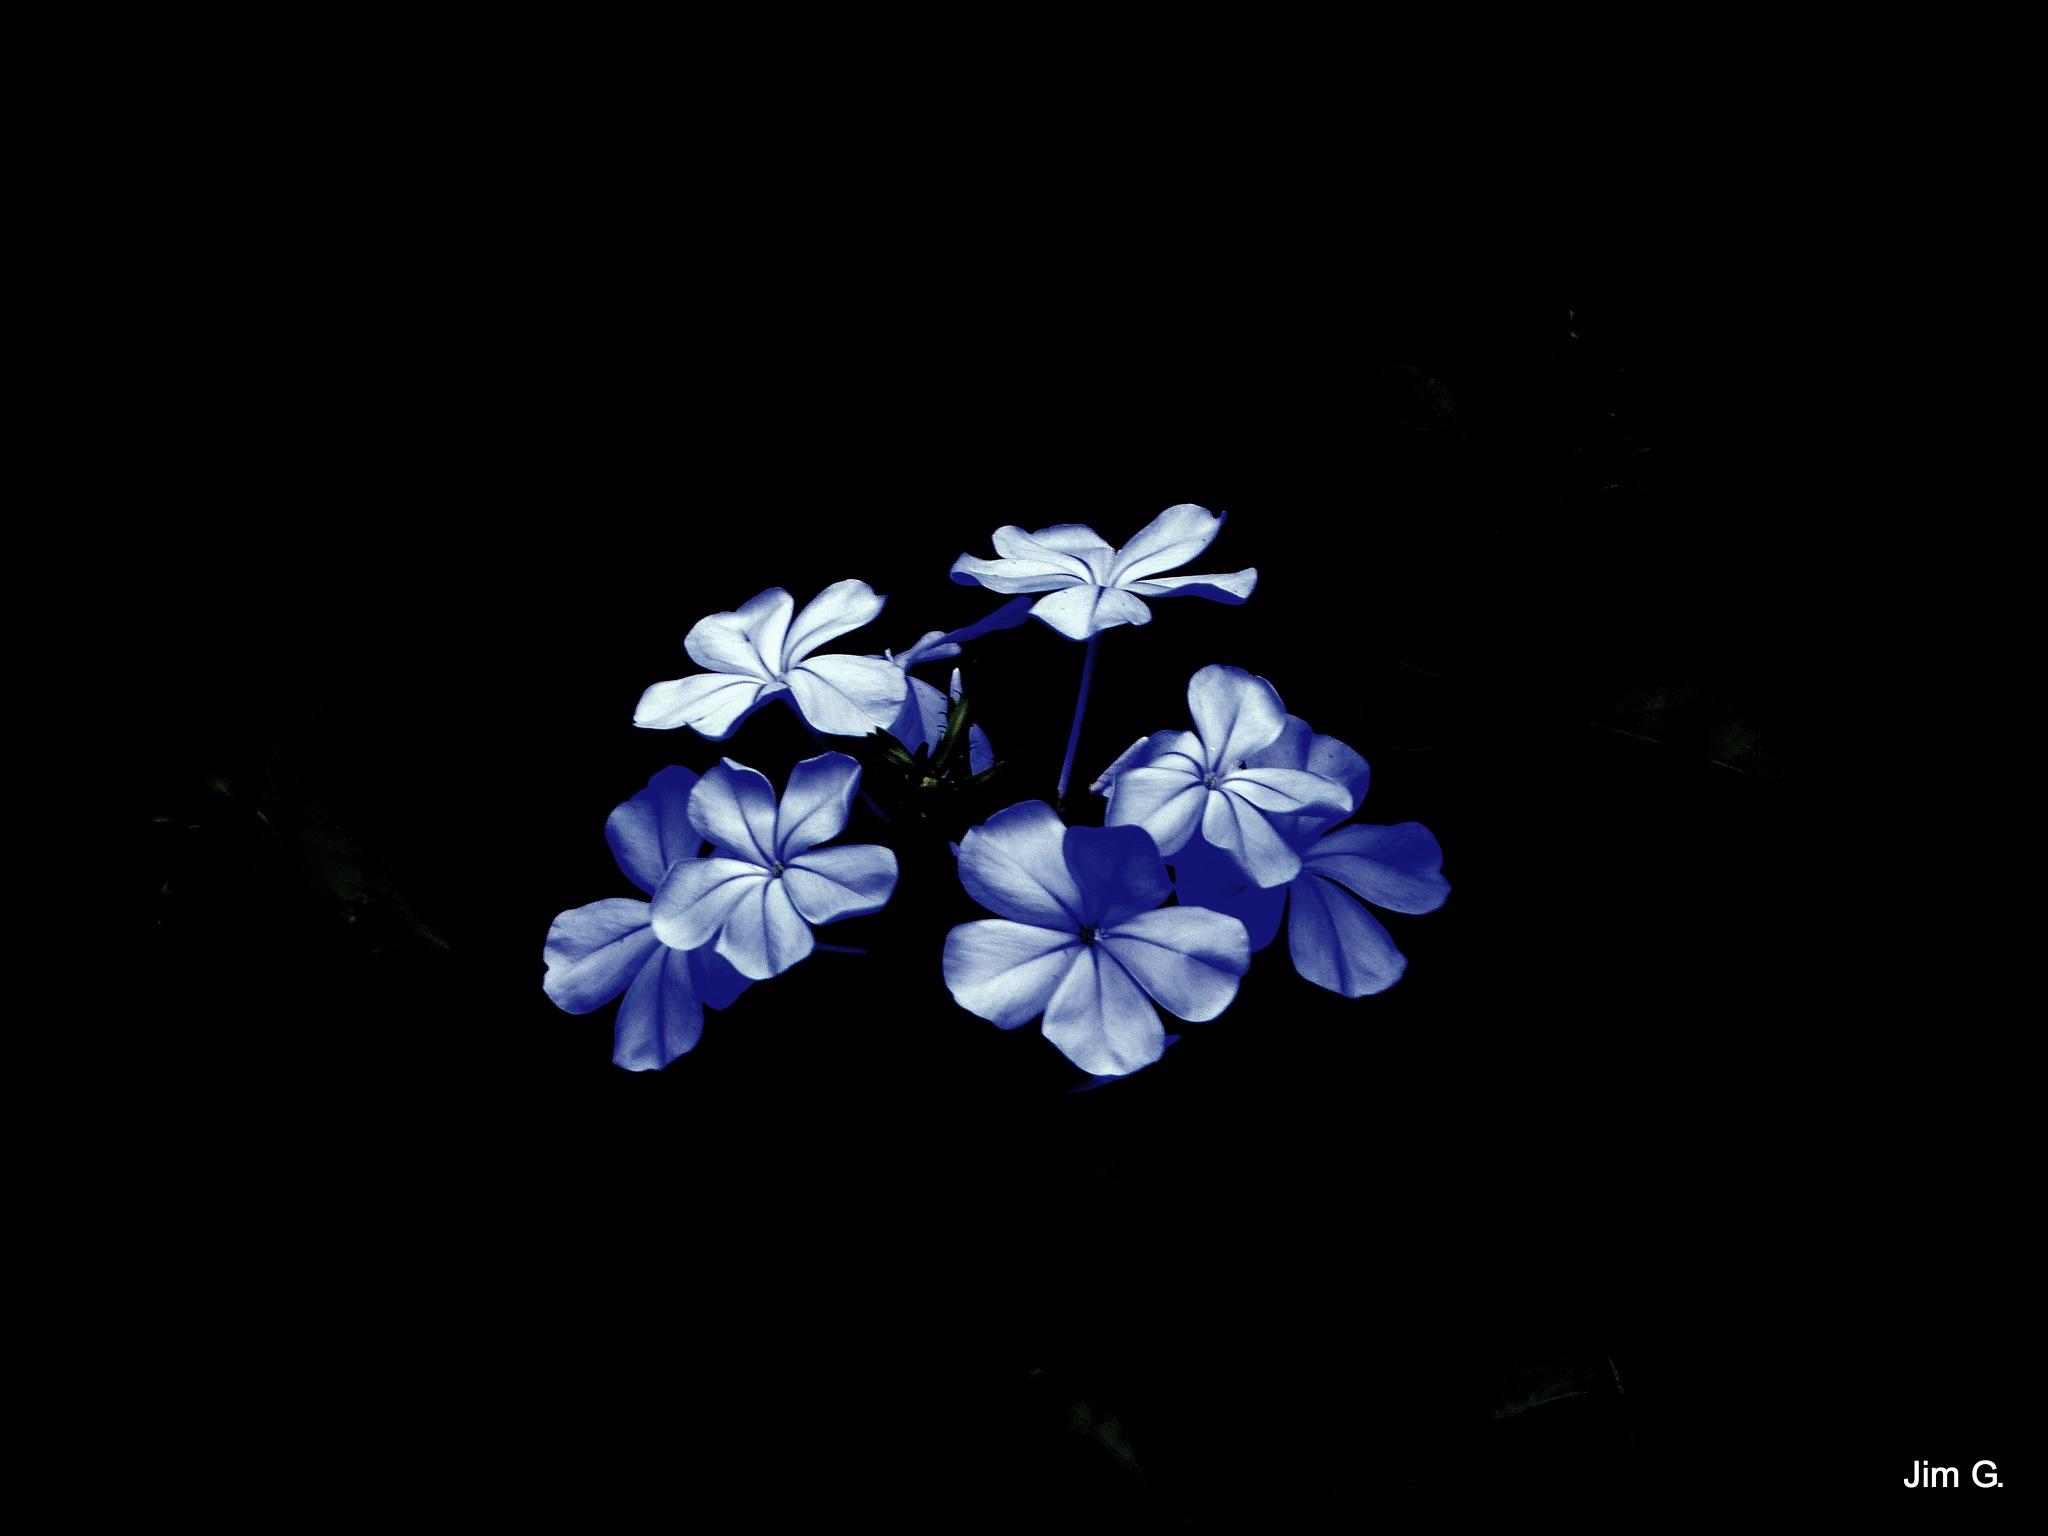 Plumbago blooms by Jim Graham